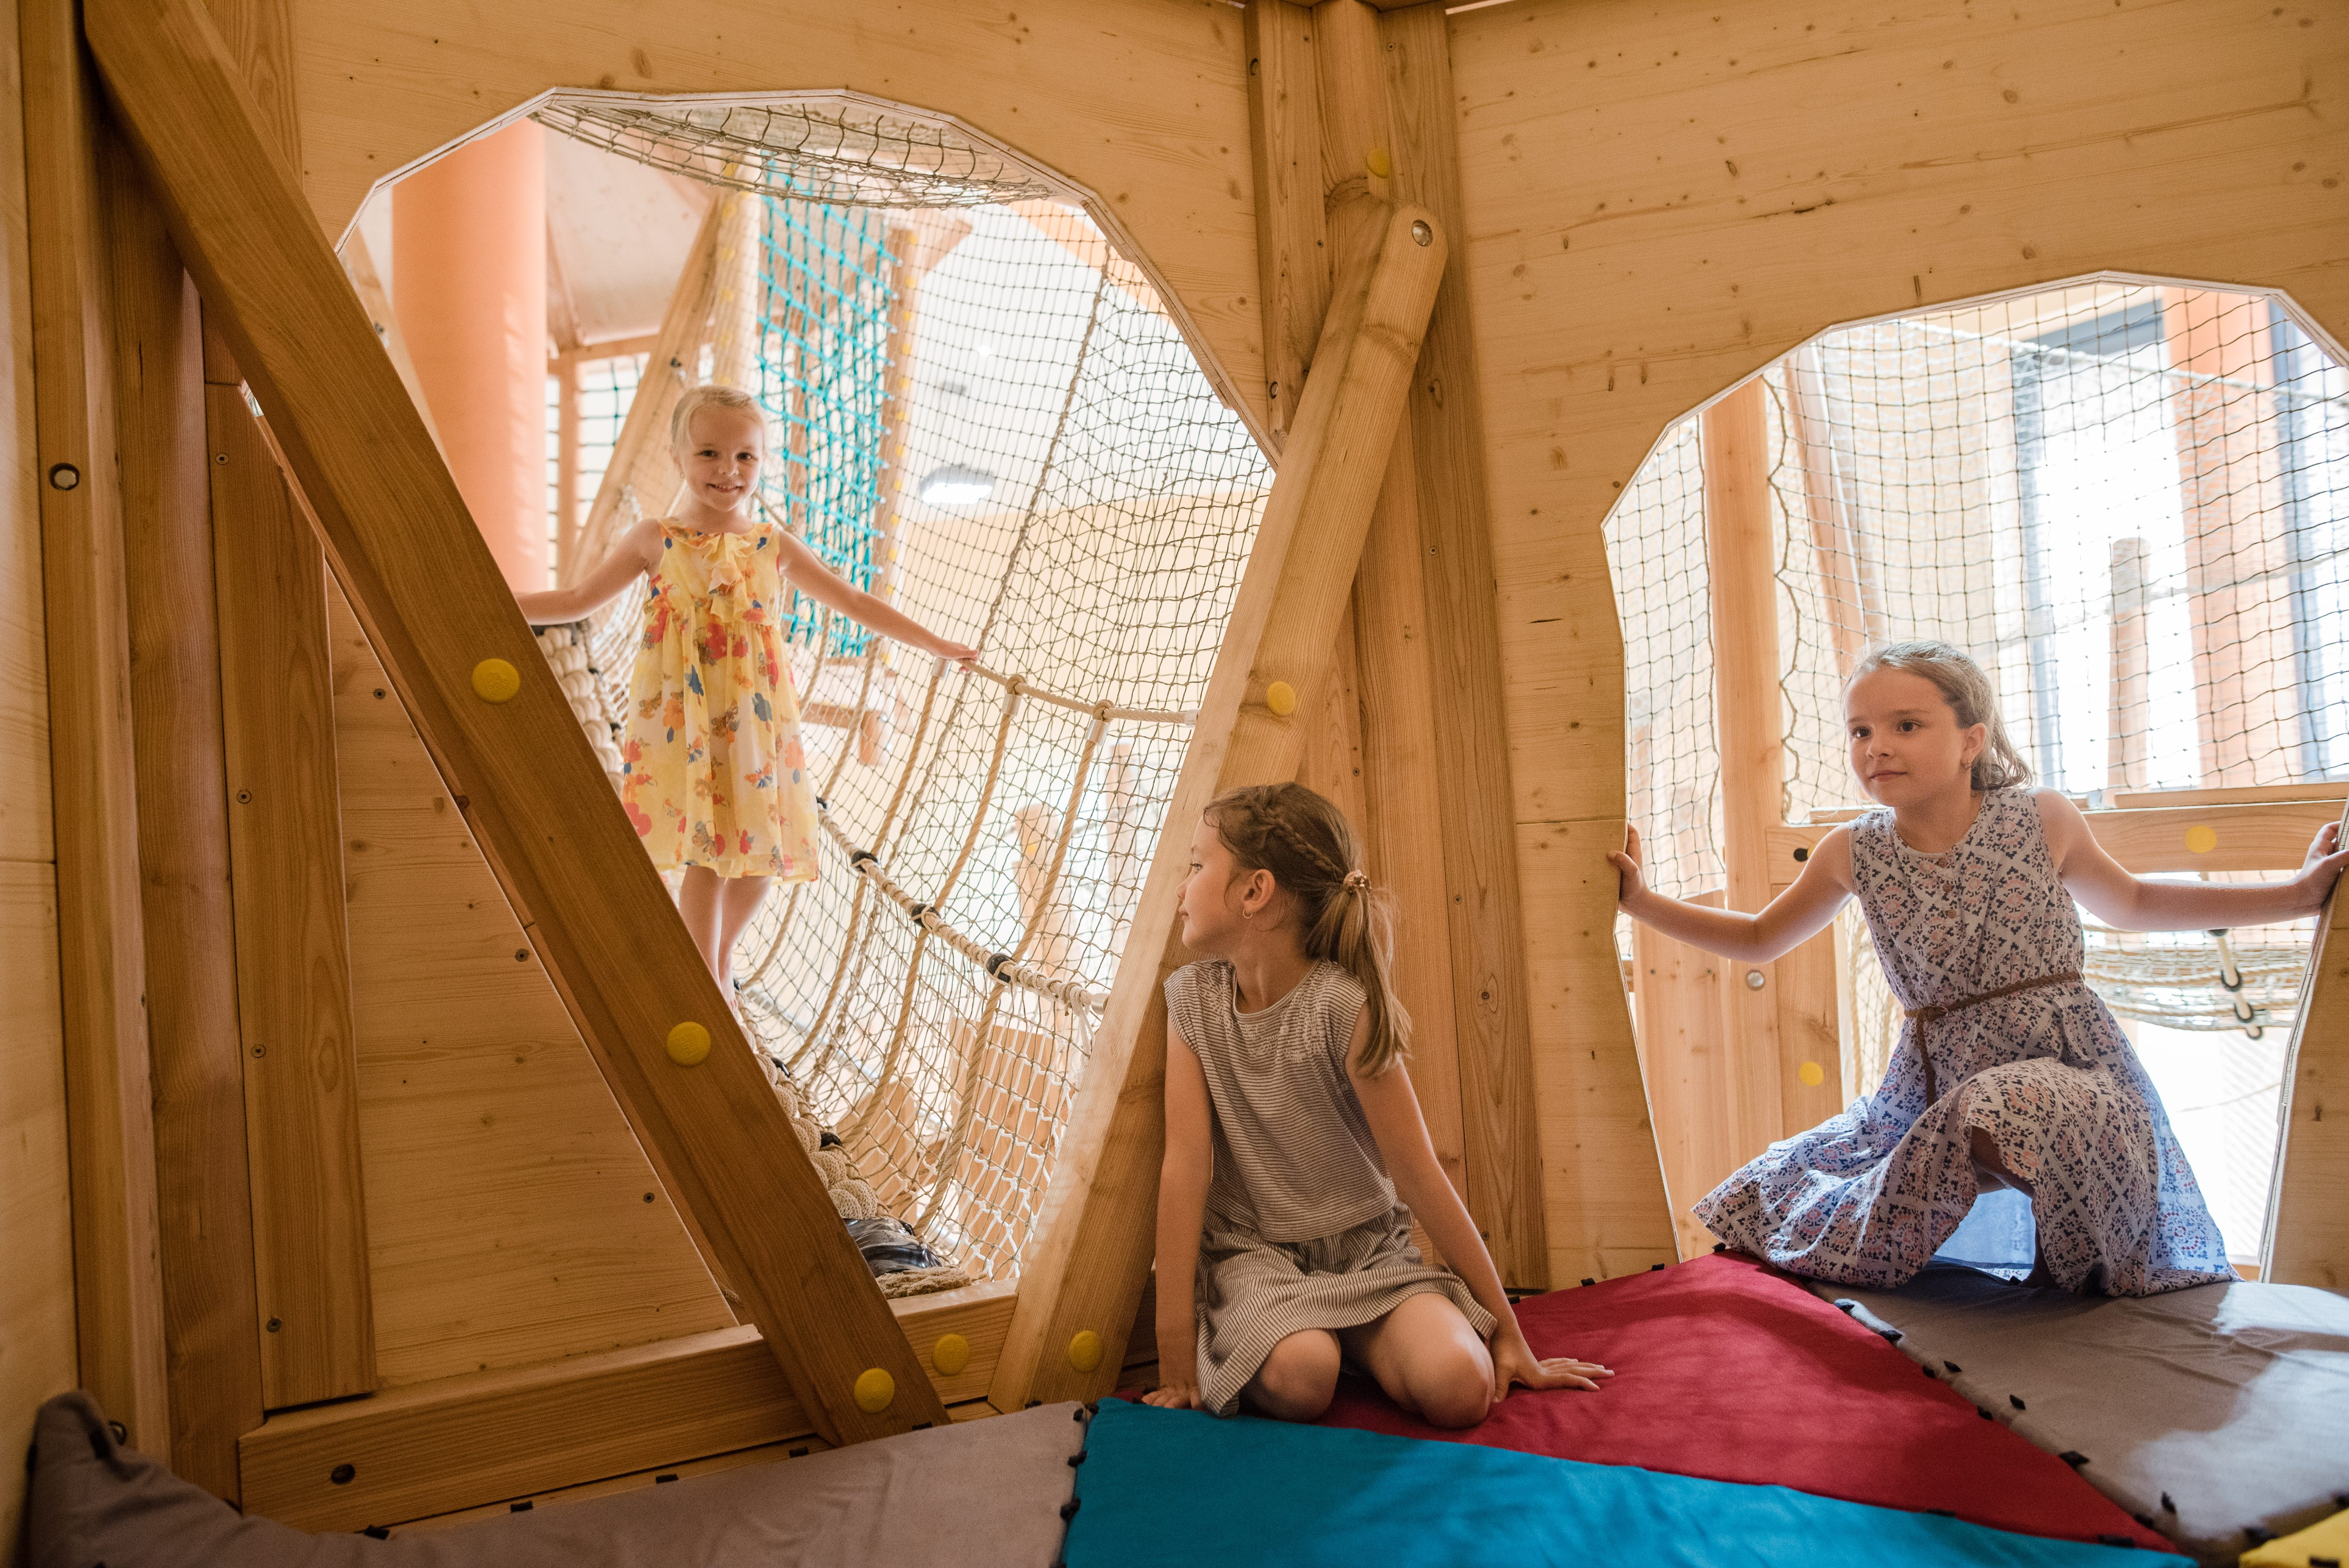 Sie sehen Kinder im Spielhaus im Indoorspielbereich im JUFA Hotel Stubenbergsee. Der Ort für kinderfreundlichen und erlebnisreichen Urlaub für die ganze Familie.